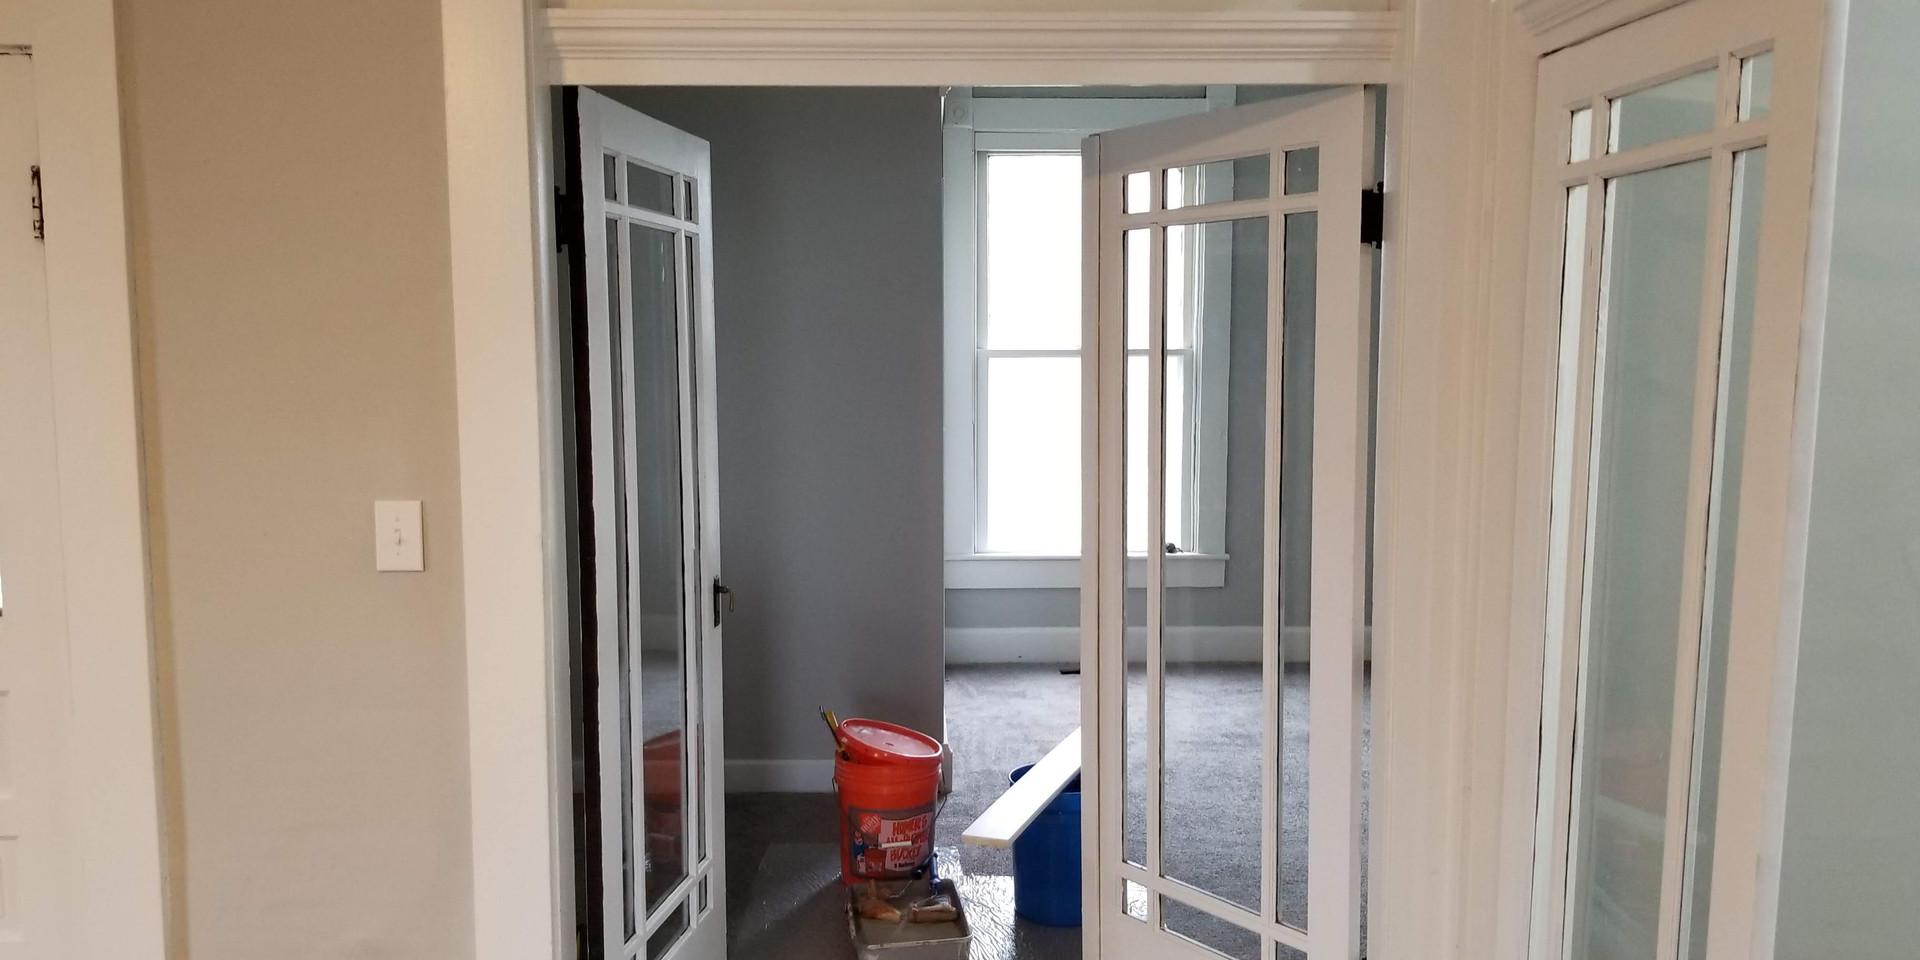 Door Way Resurface, Reglazing then Painting